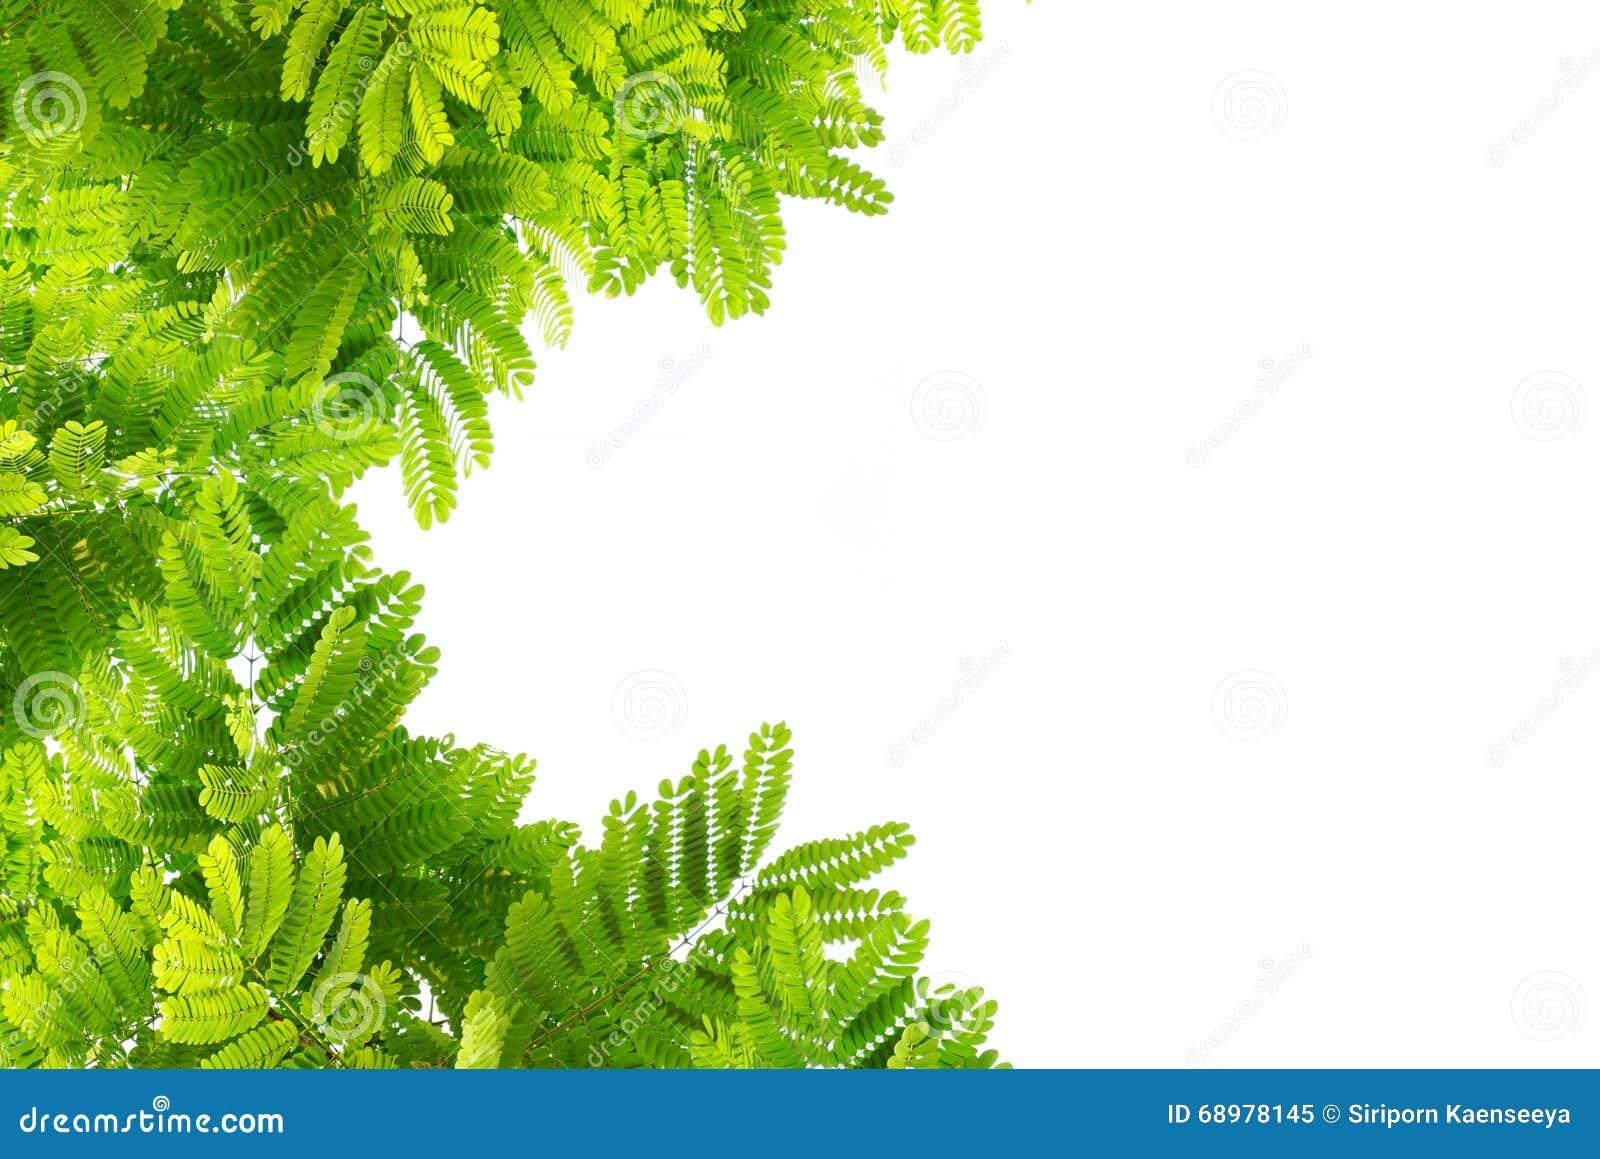 O verde deixa a natureza no isolado branco